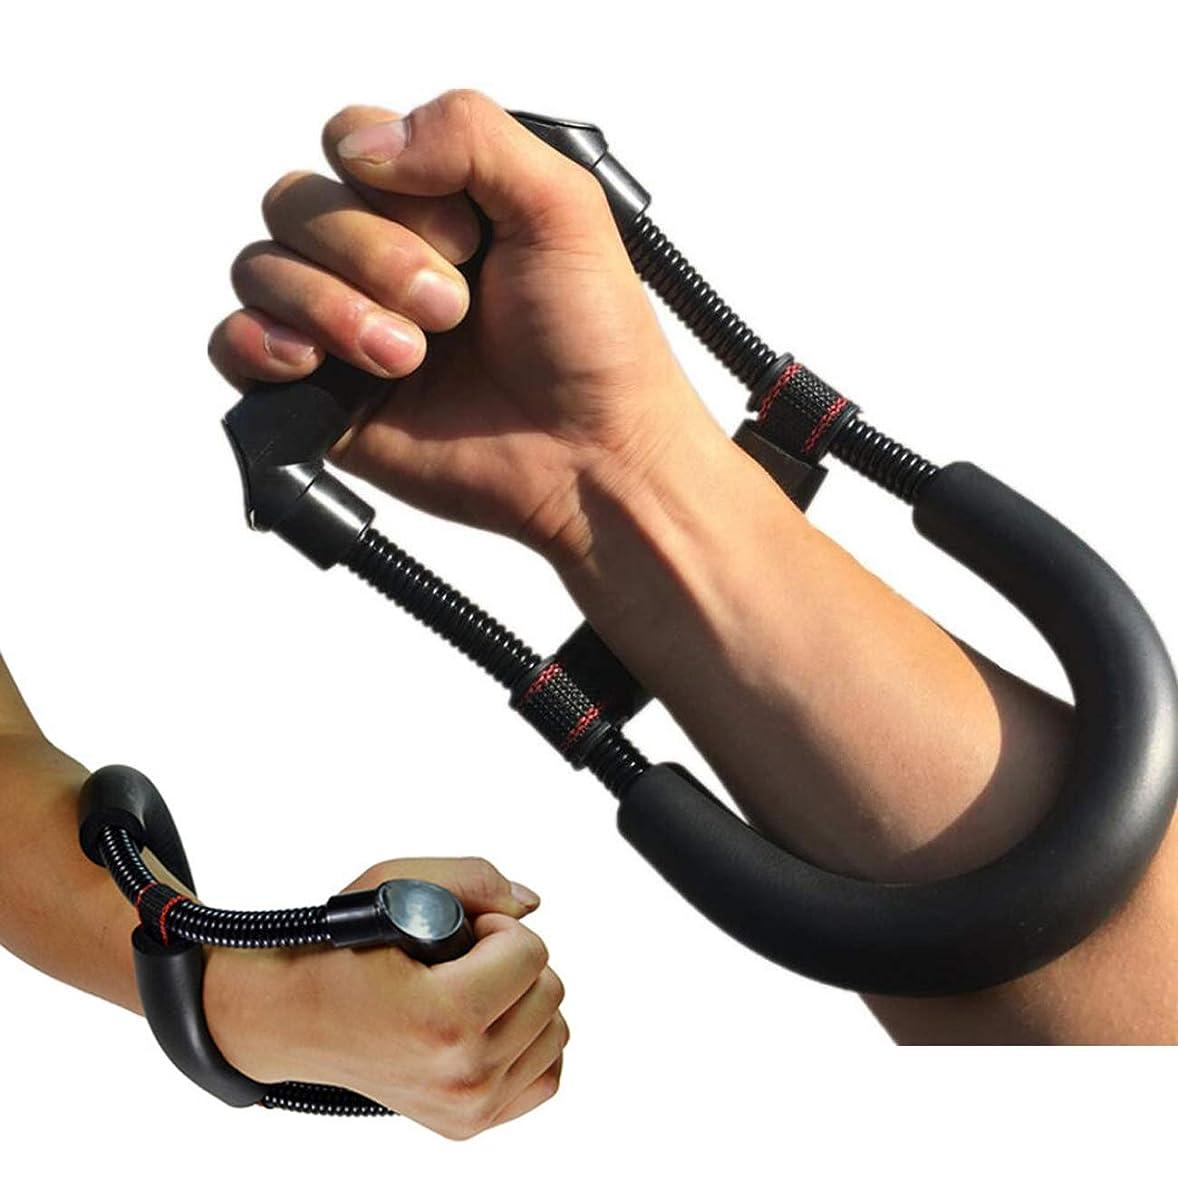 サイクル陸軍悲しみリストトレーナー パワーリスト 手首 握力 腕力 筋トレ トレーニング用品 リストトレーニング